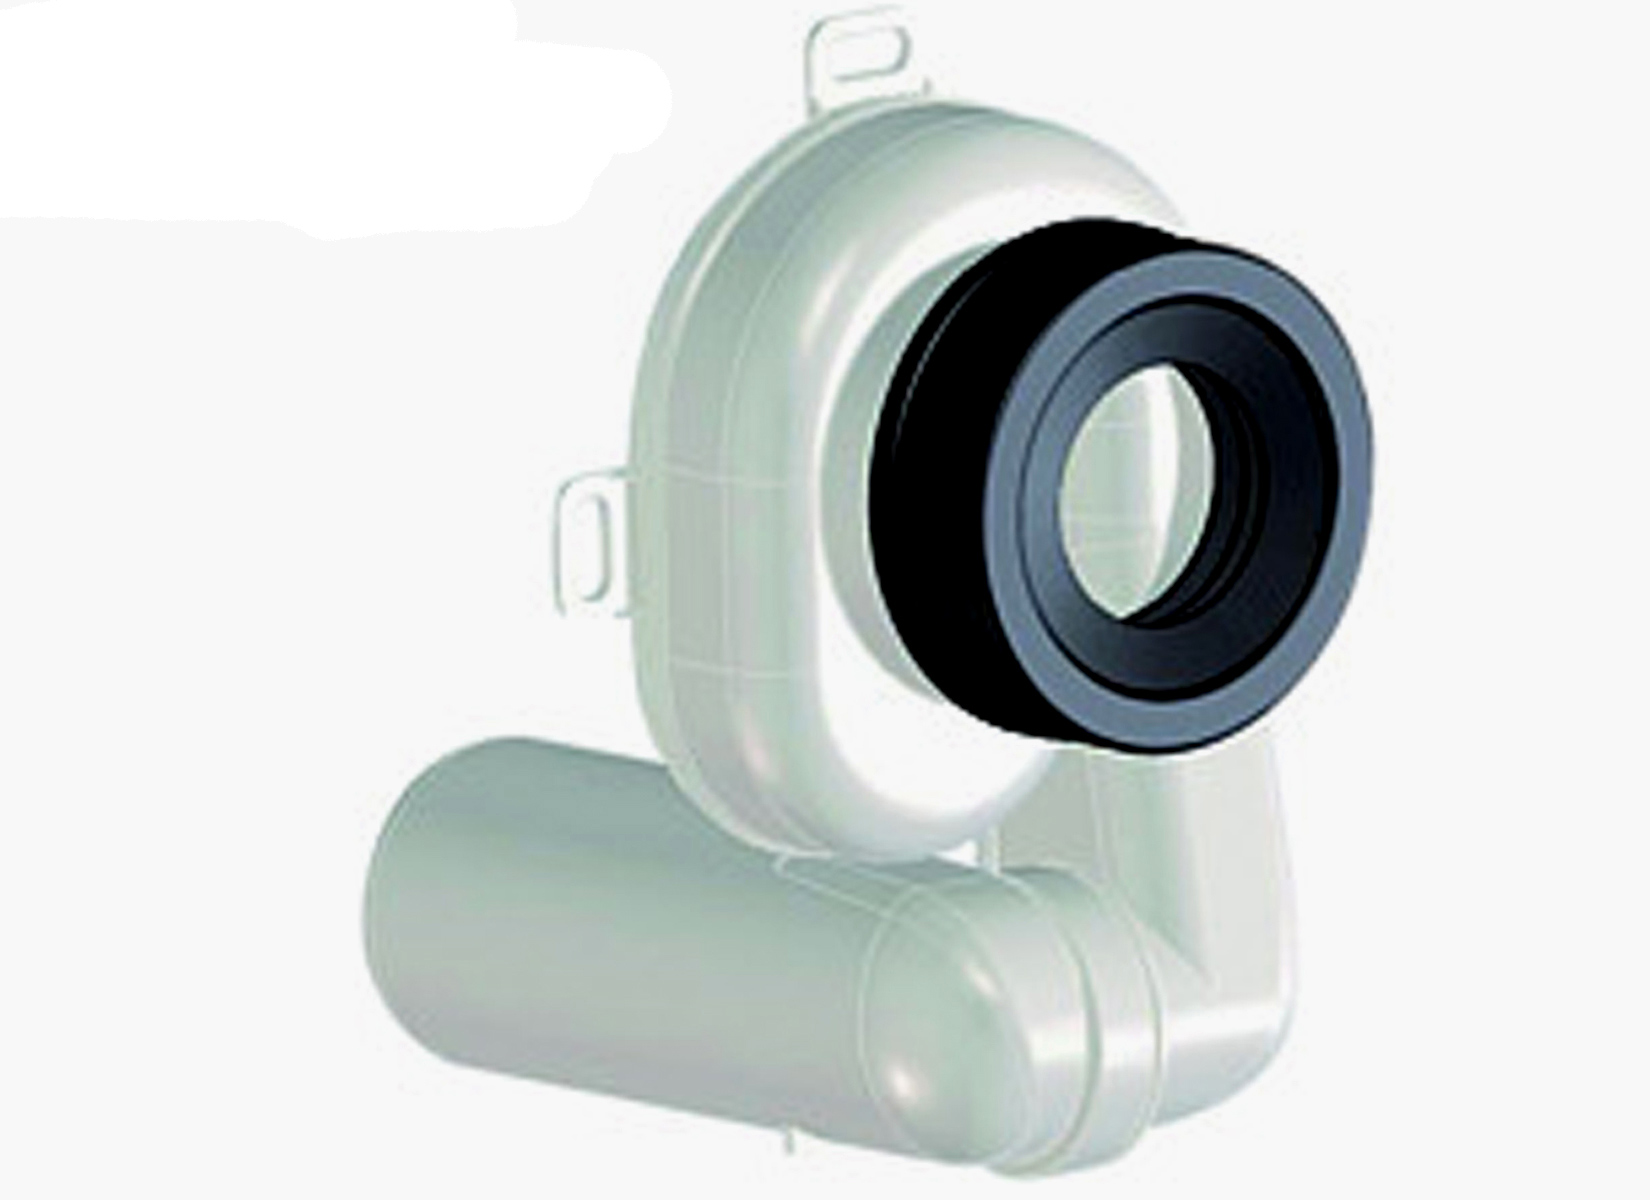 dallmer urinal absaugsiphon hl 430 siphon sifon. Black Bedroom Furniture Sets. Home Design Ideas